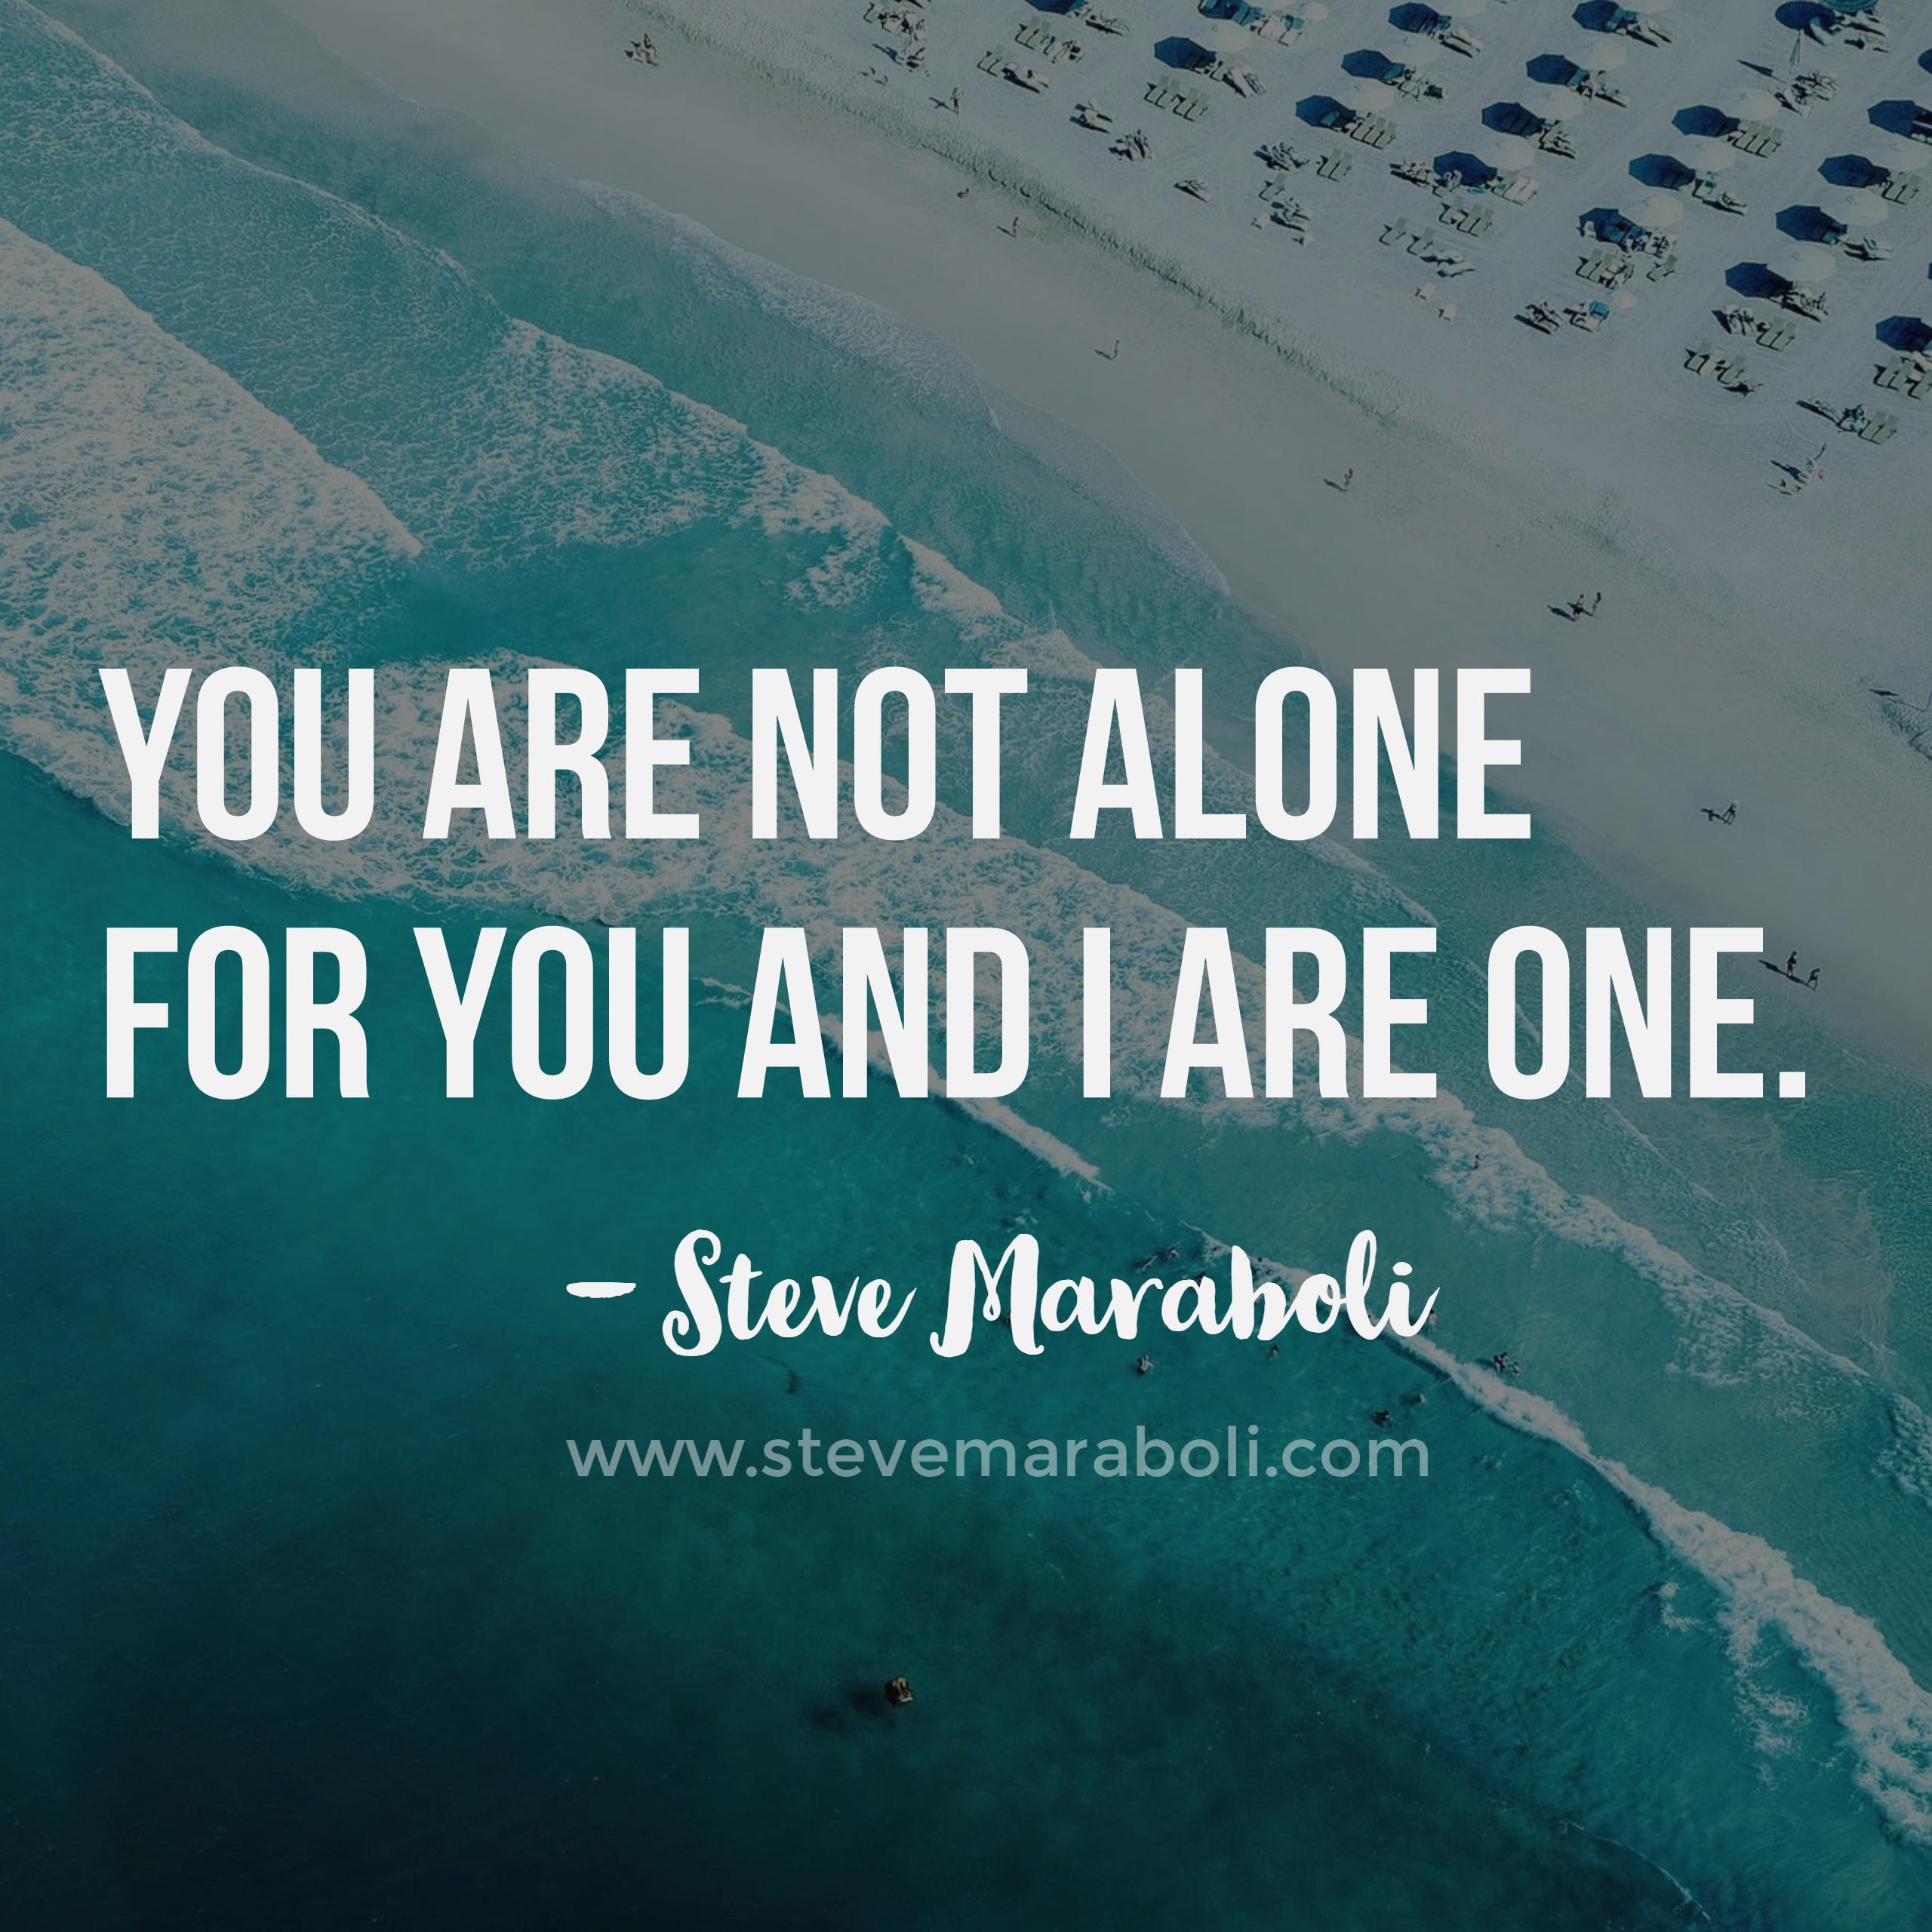 You and I - Steve Maraboli